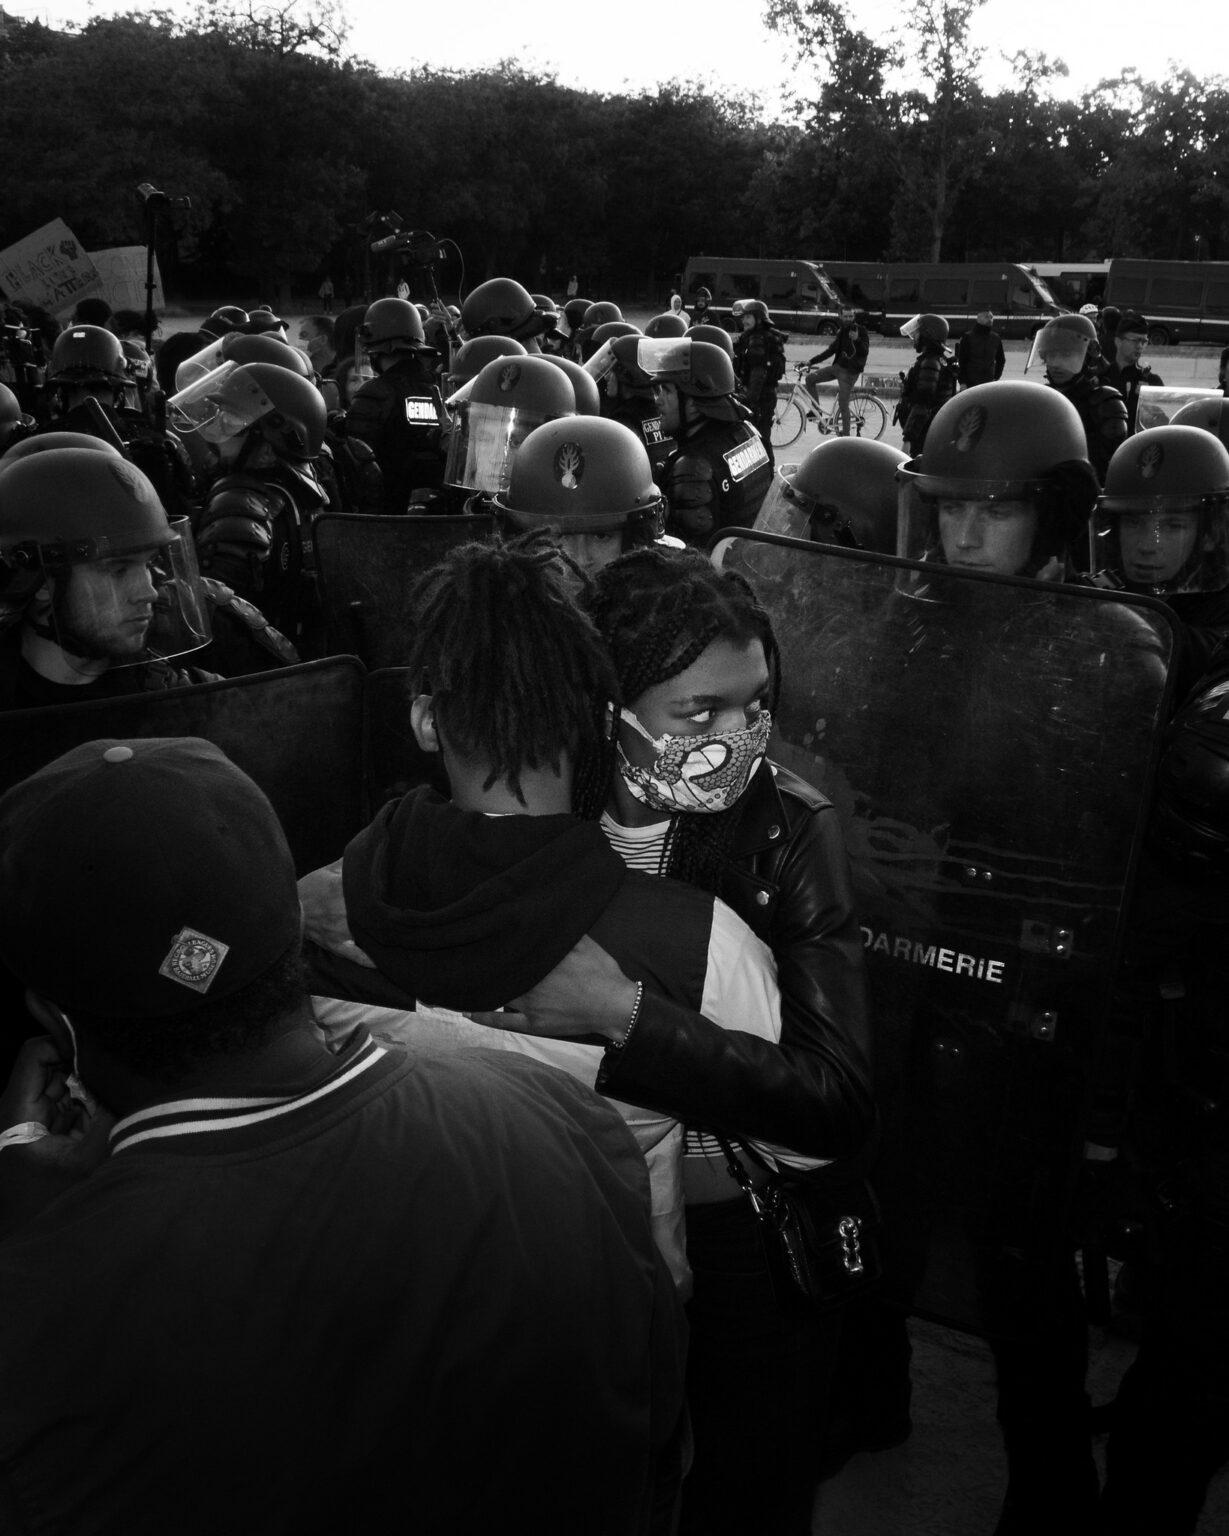 Protest Embrace - Louis Mack (Paris, France / June 2020)